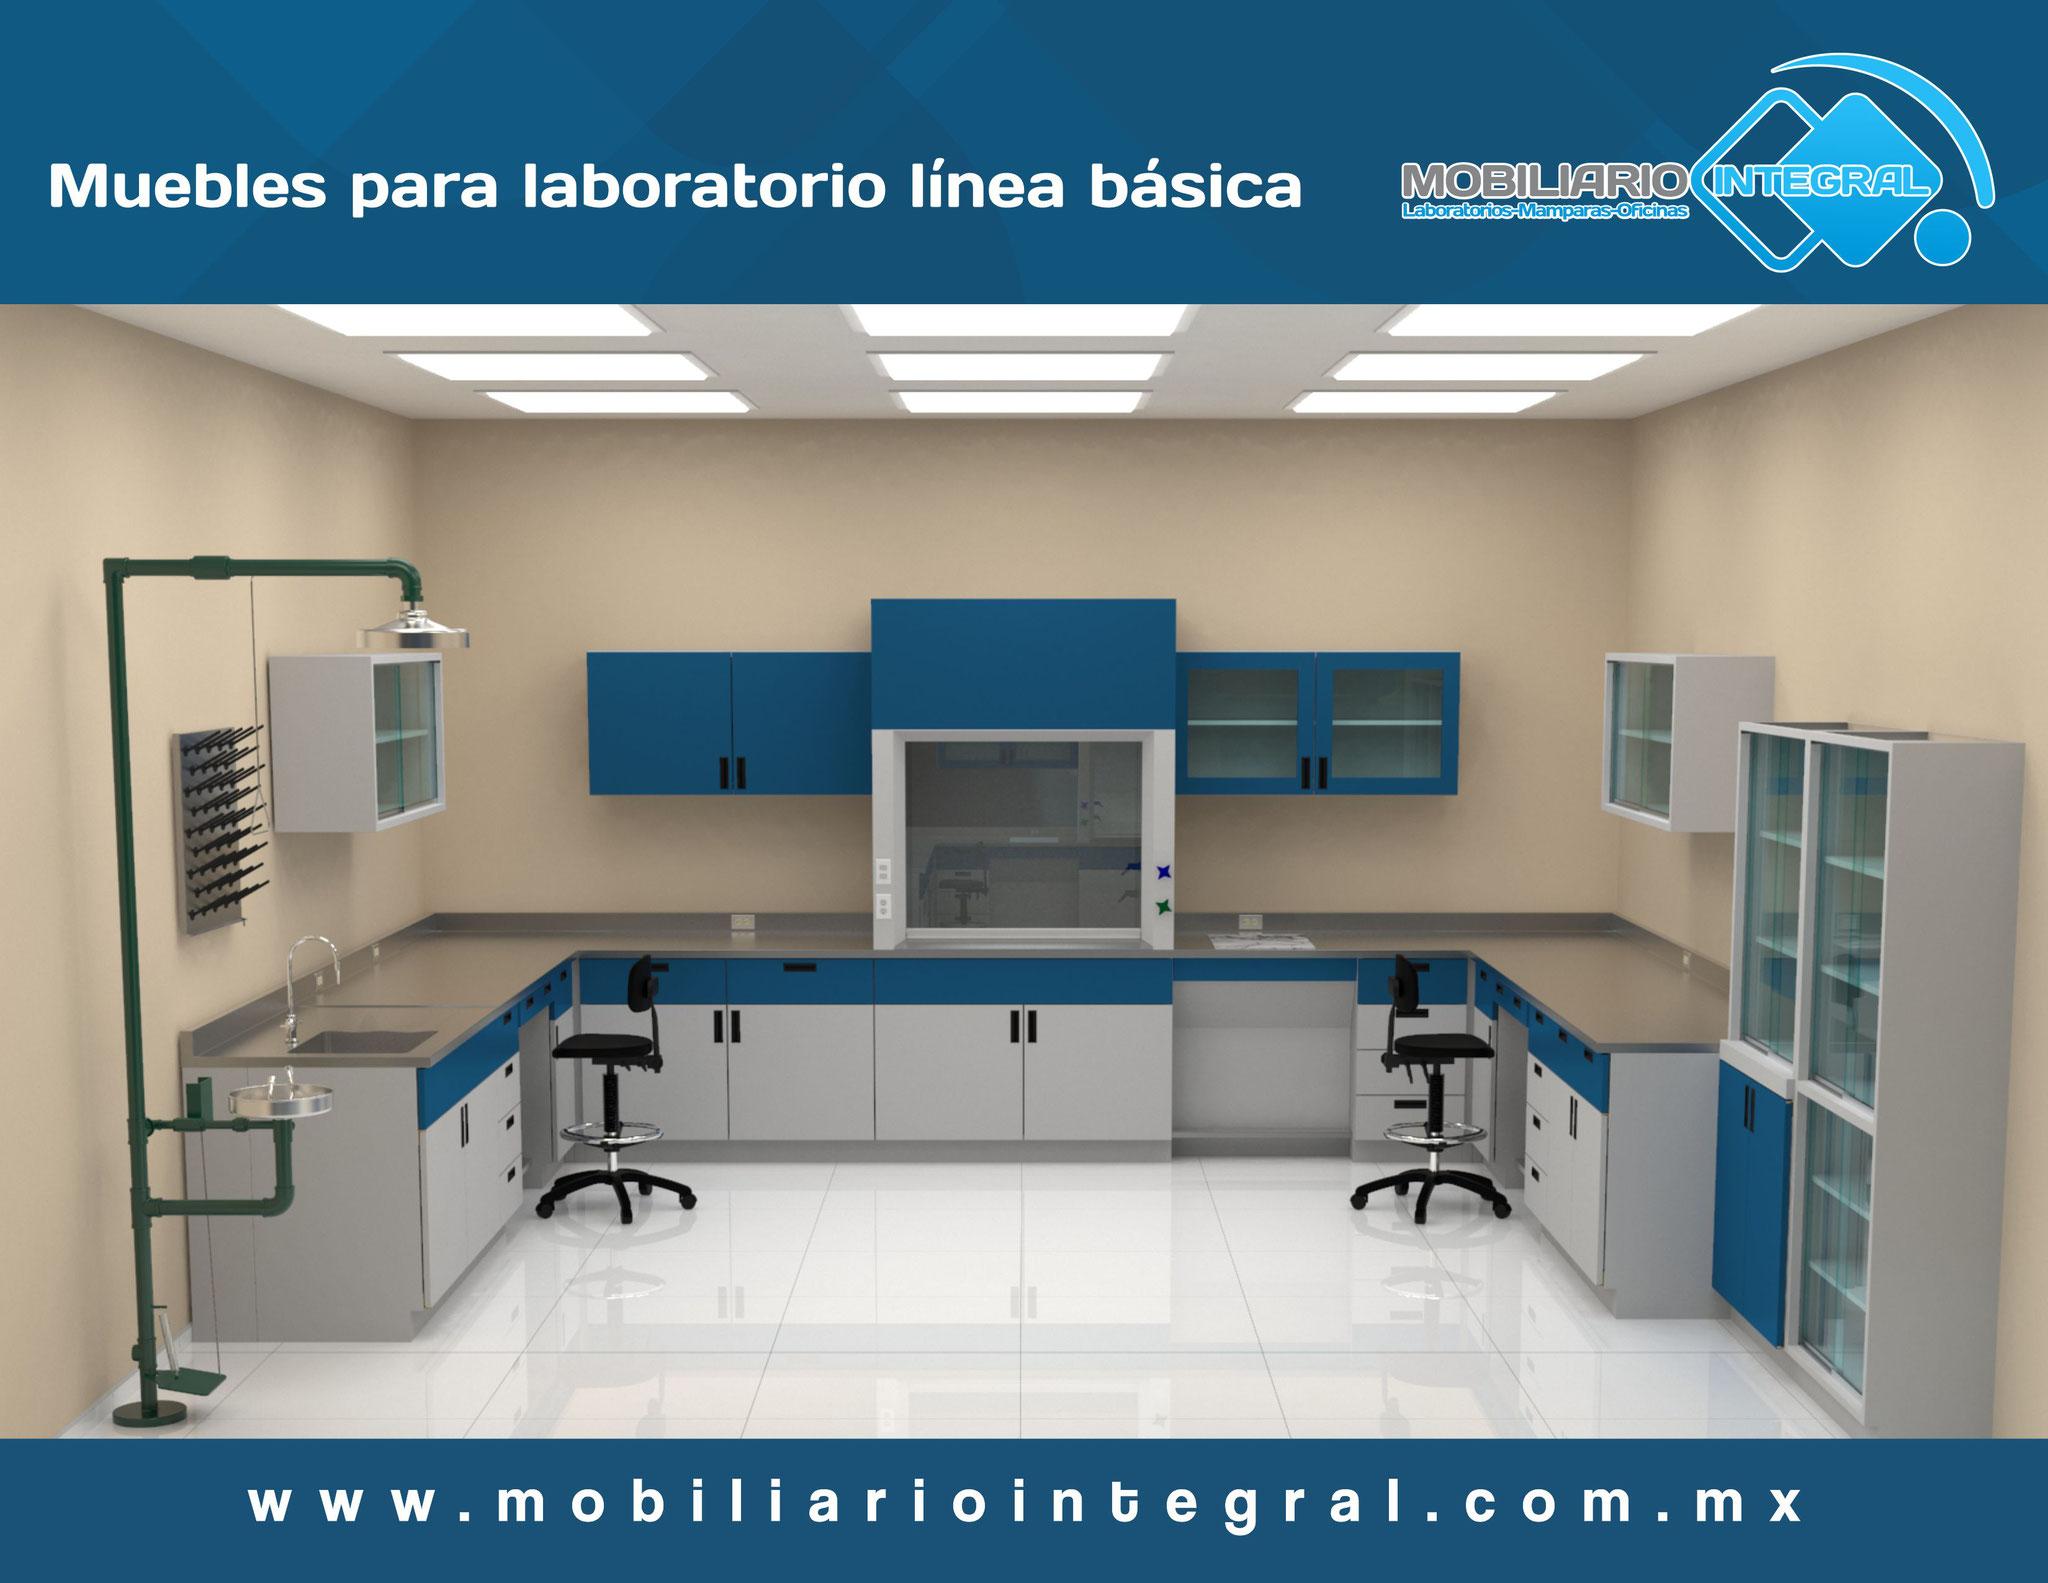 Muebles para laboratorio en Delicias